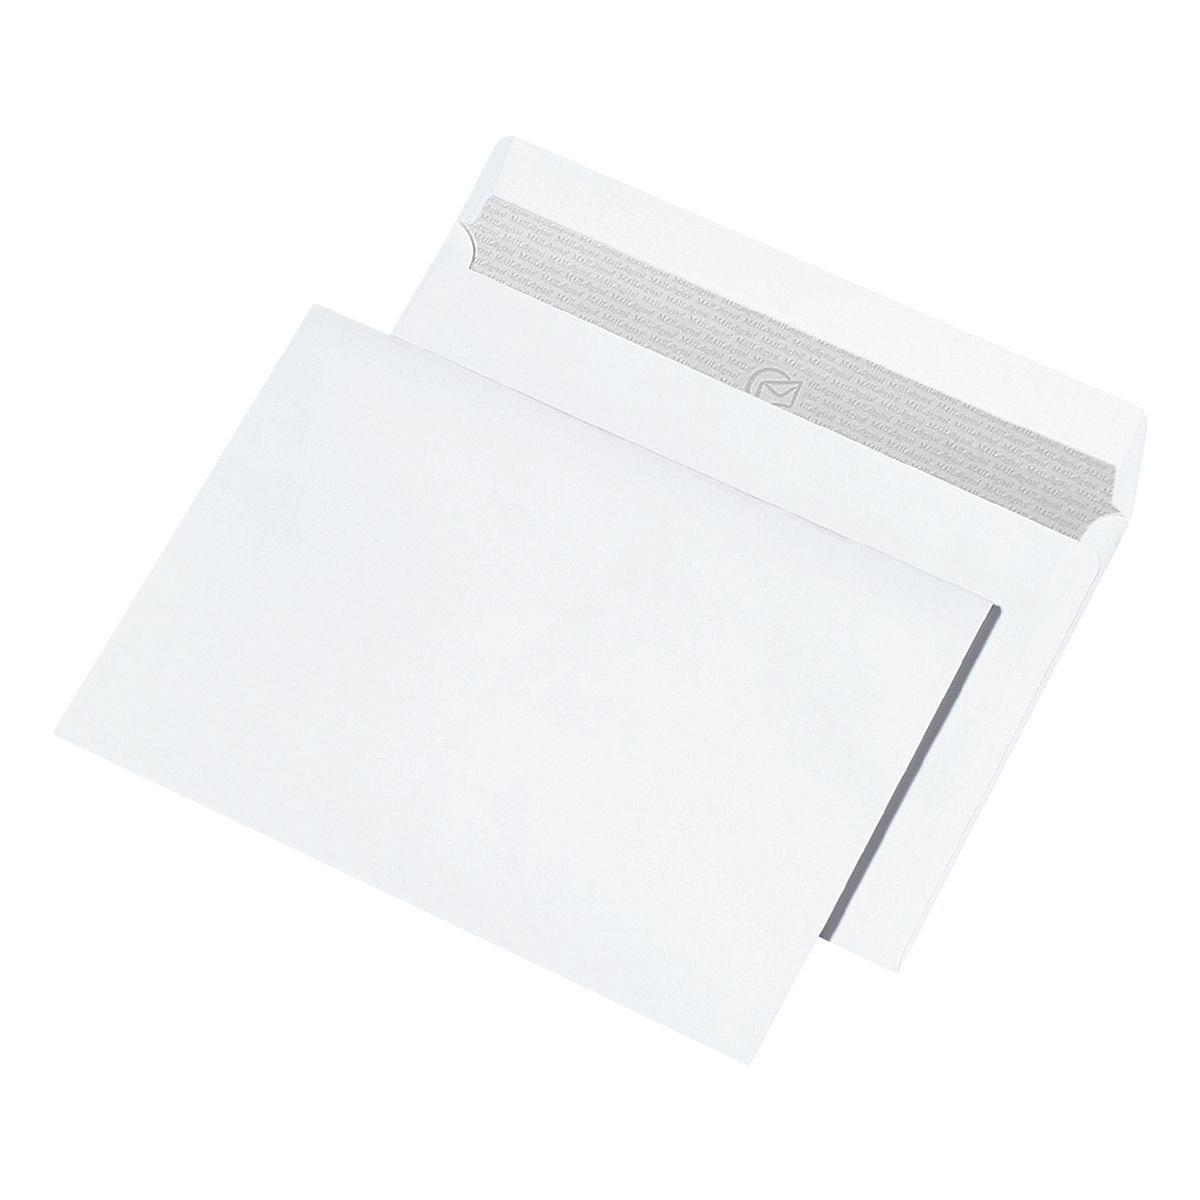 Mailmedia 25 Laserbedruckbare Versandtaschen C5 ohne Fenster »Maildigital«